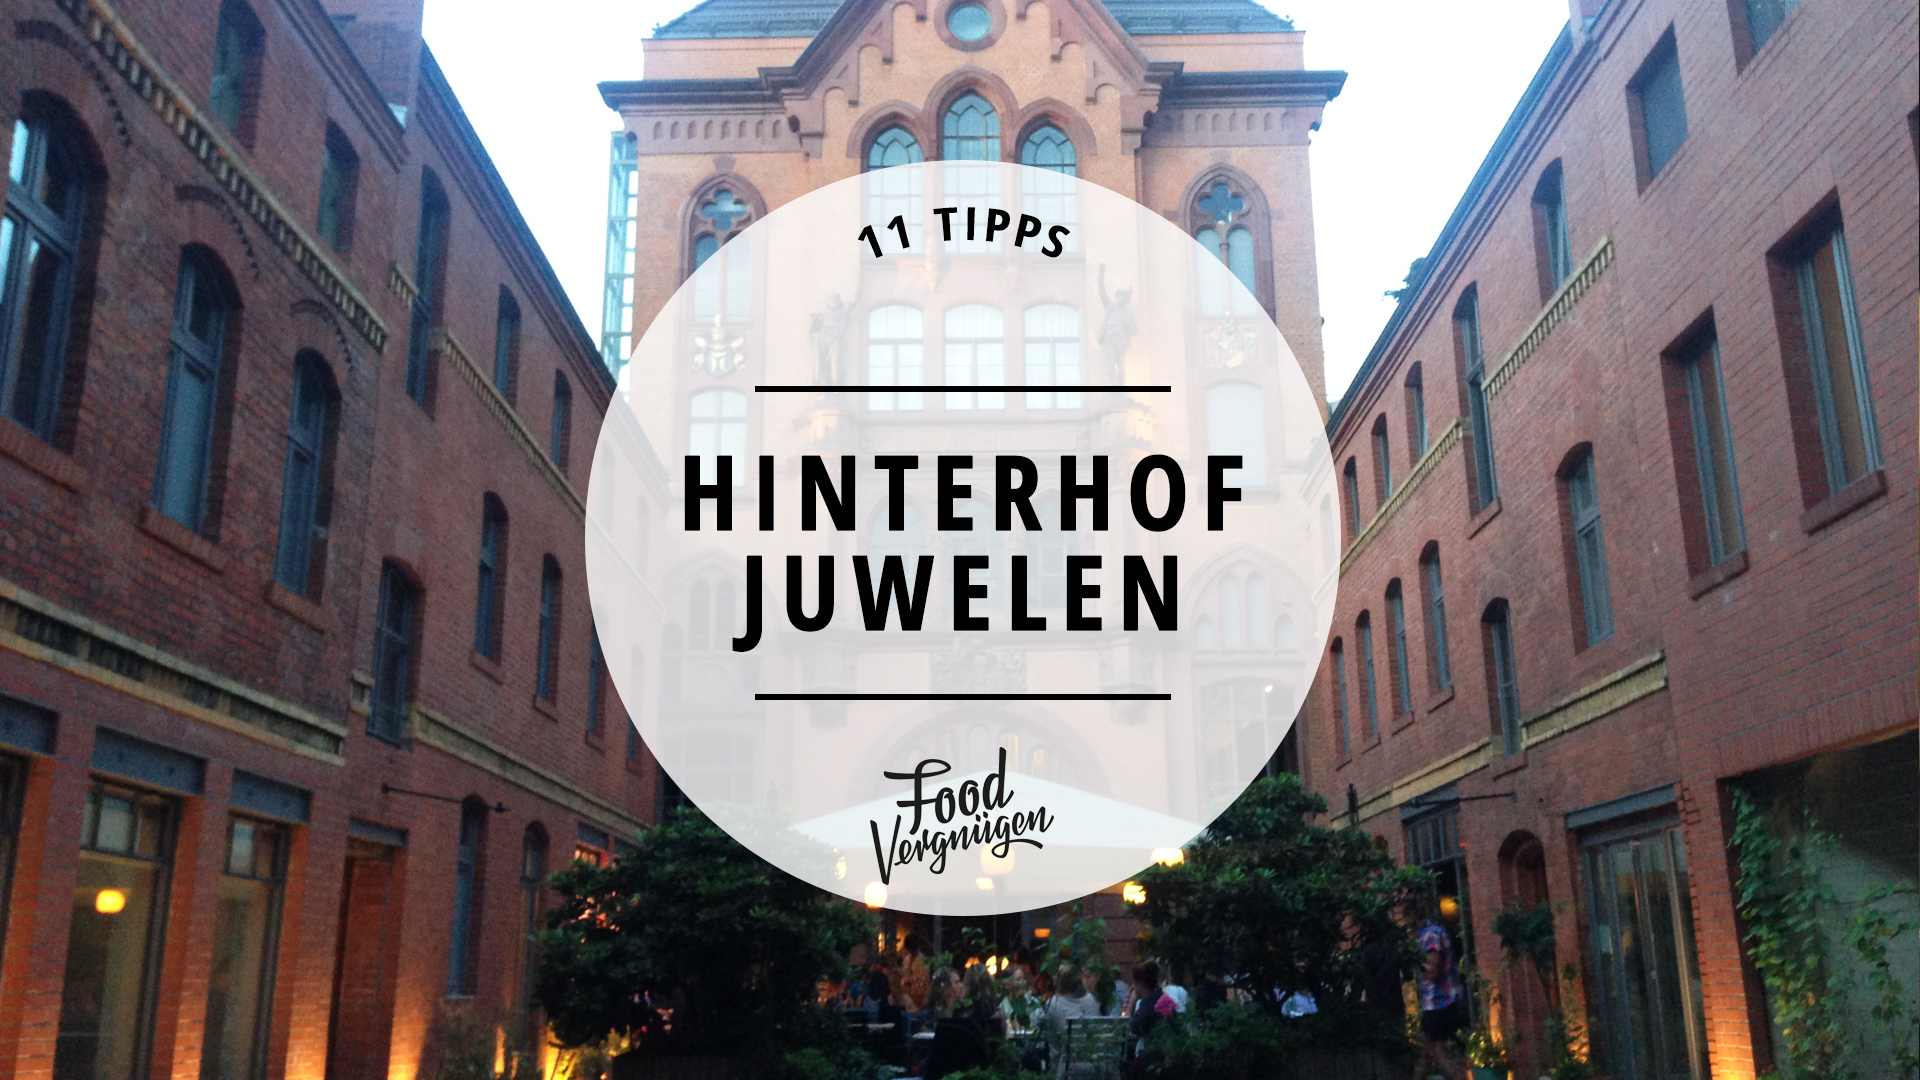 11 Cafes Und Restaurants In Hinterhofen Die Ihr Entdecken